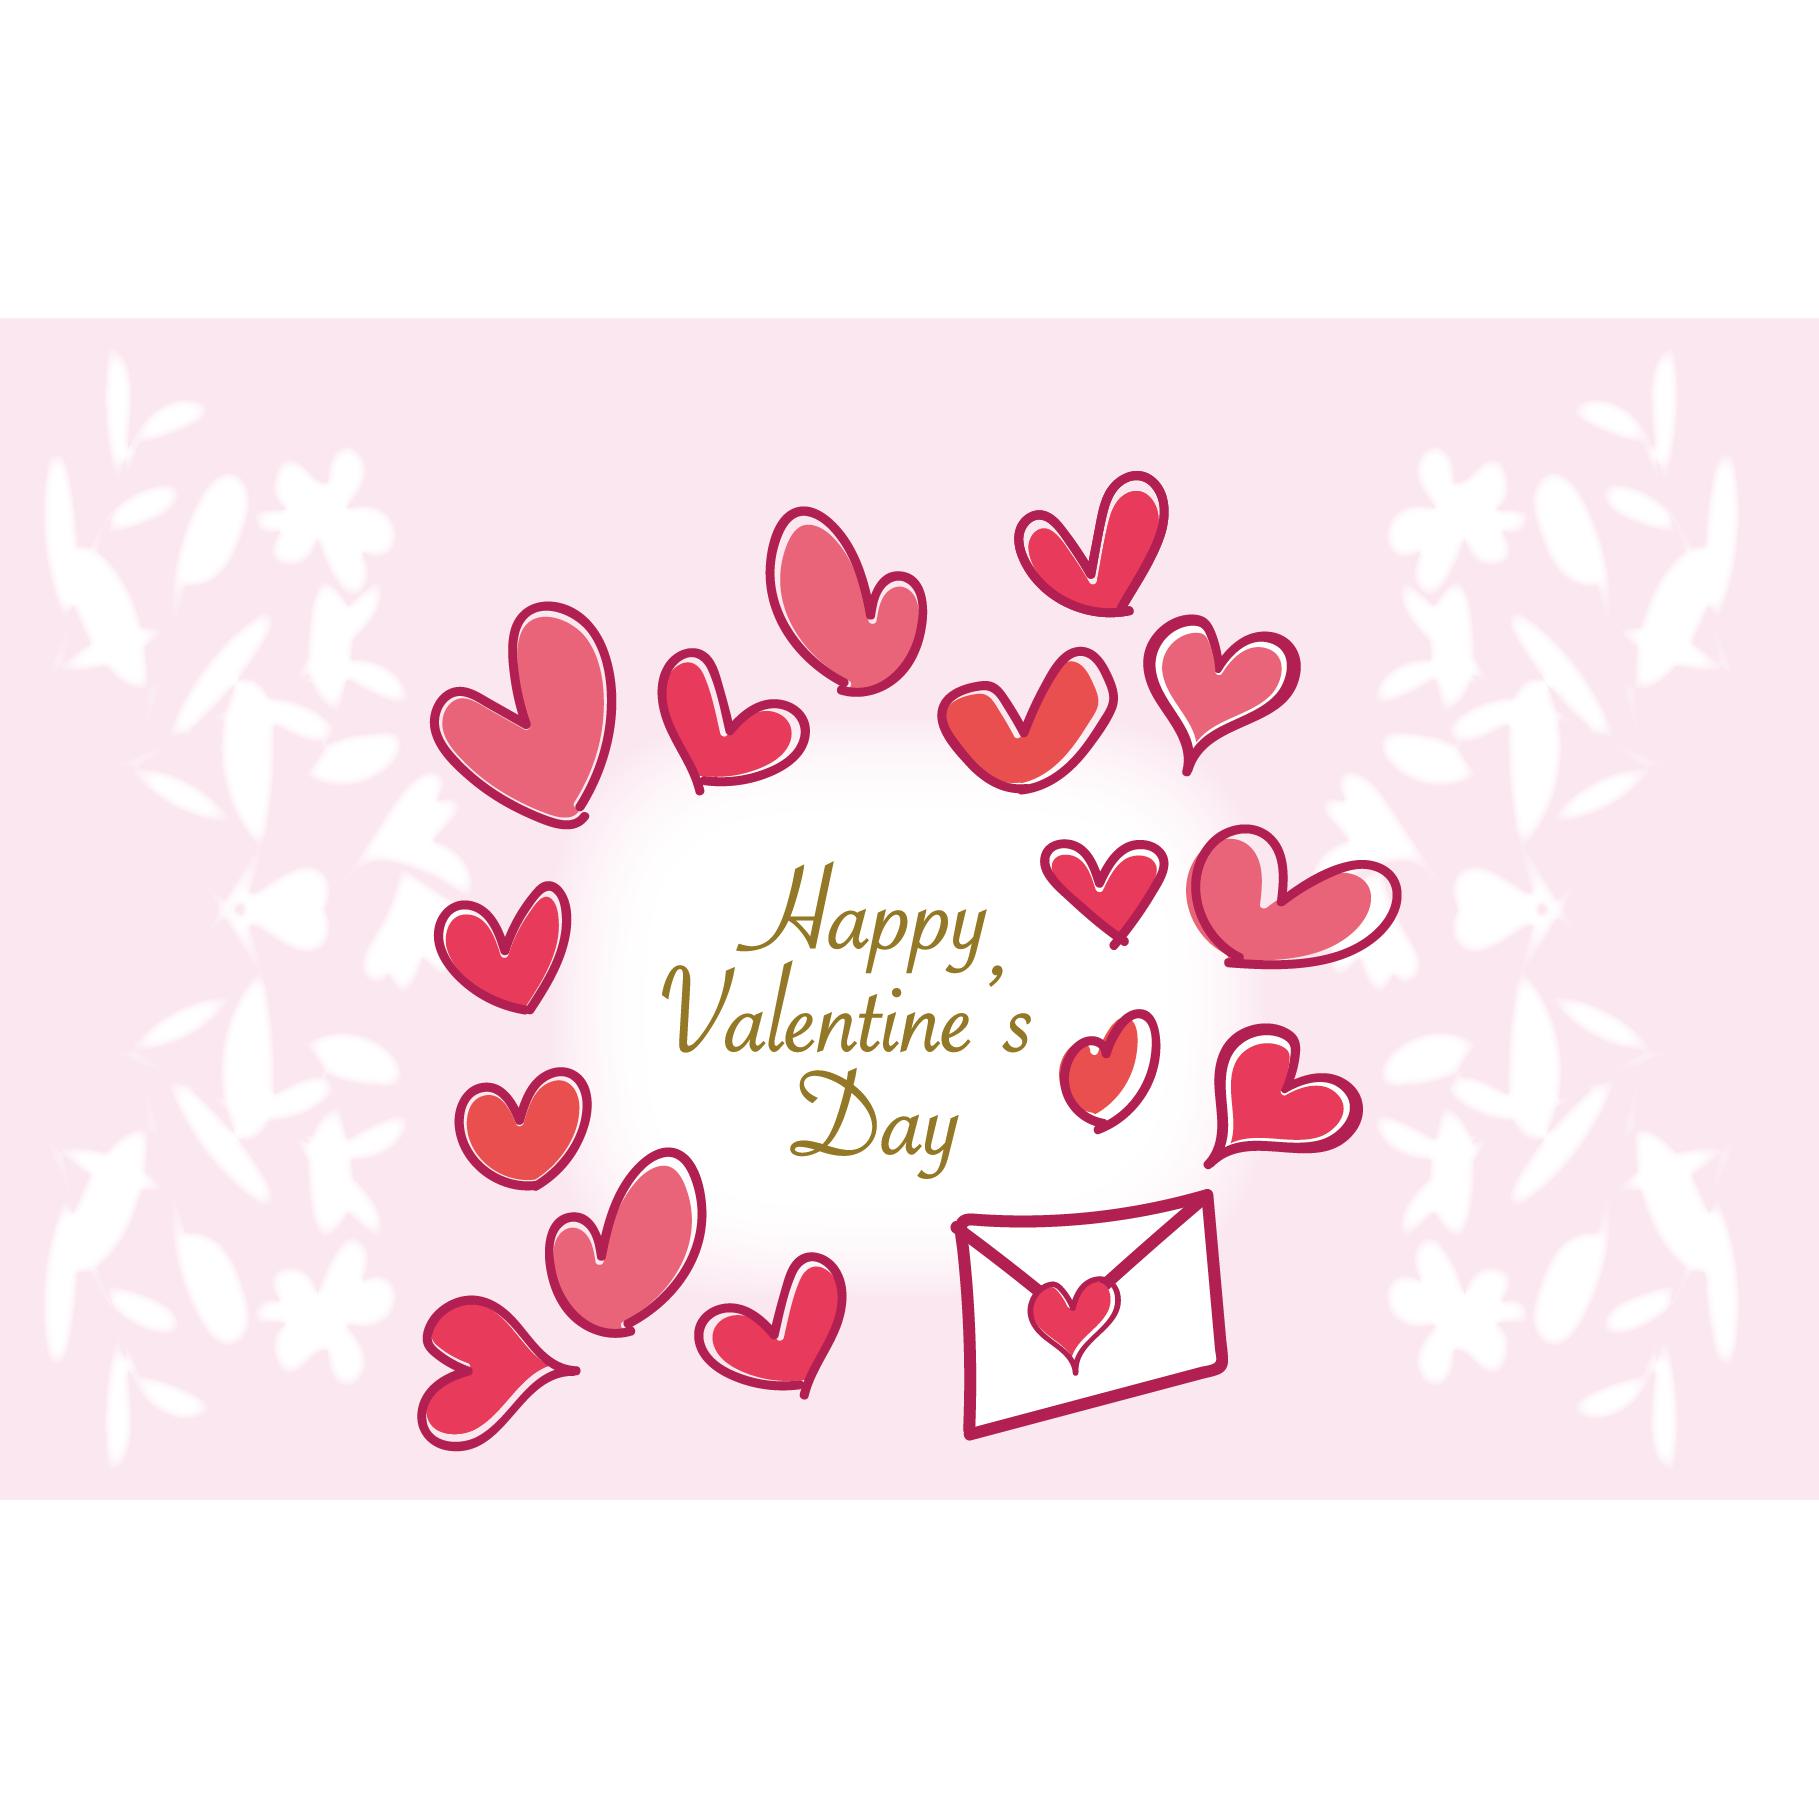 バレンタイン カード 無料 イラスト♪ピンクでかわいい